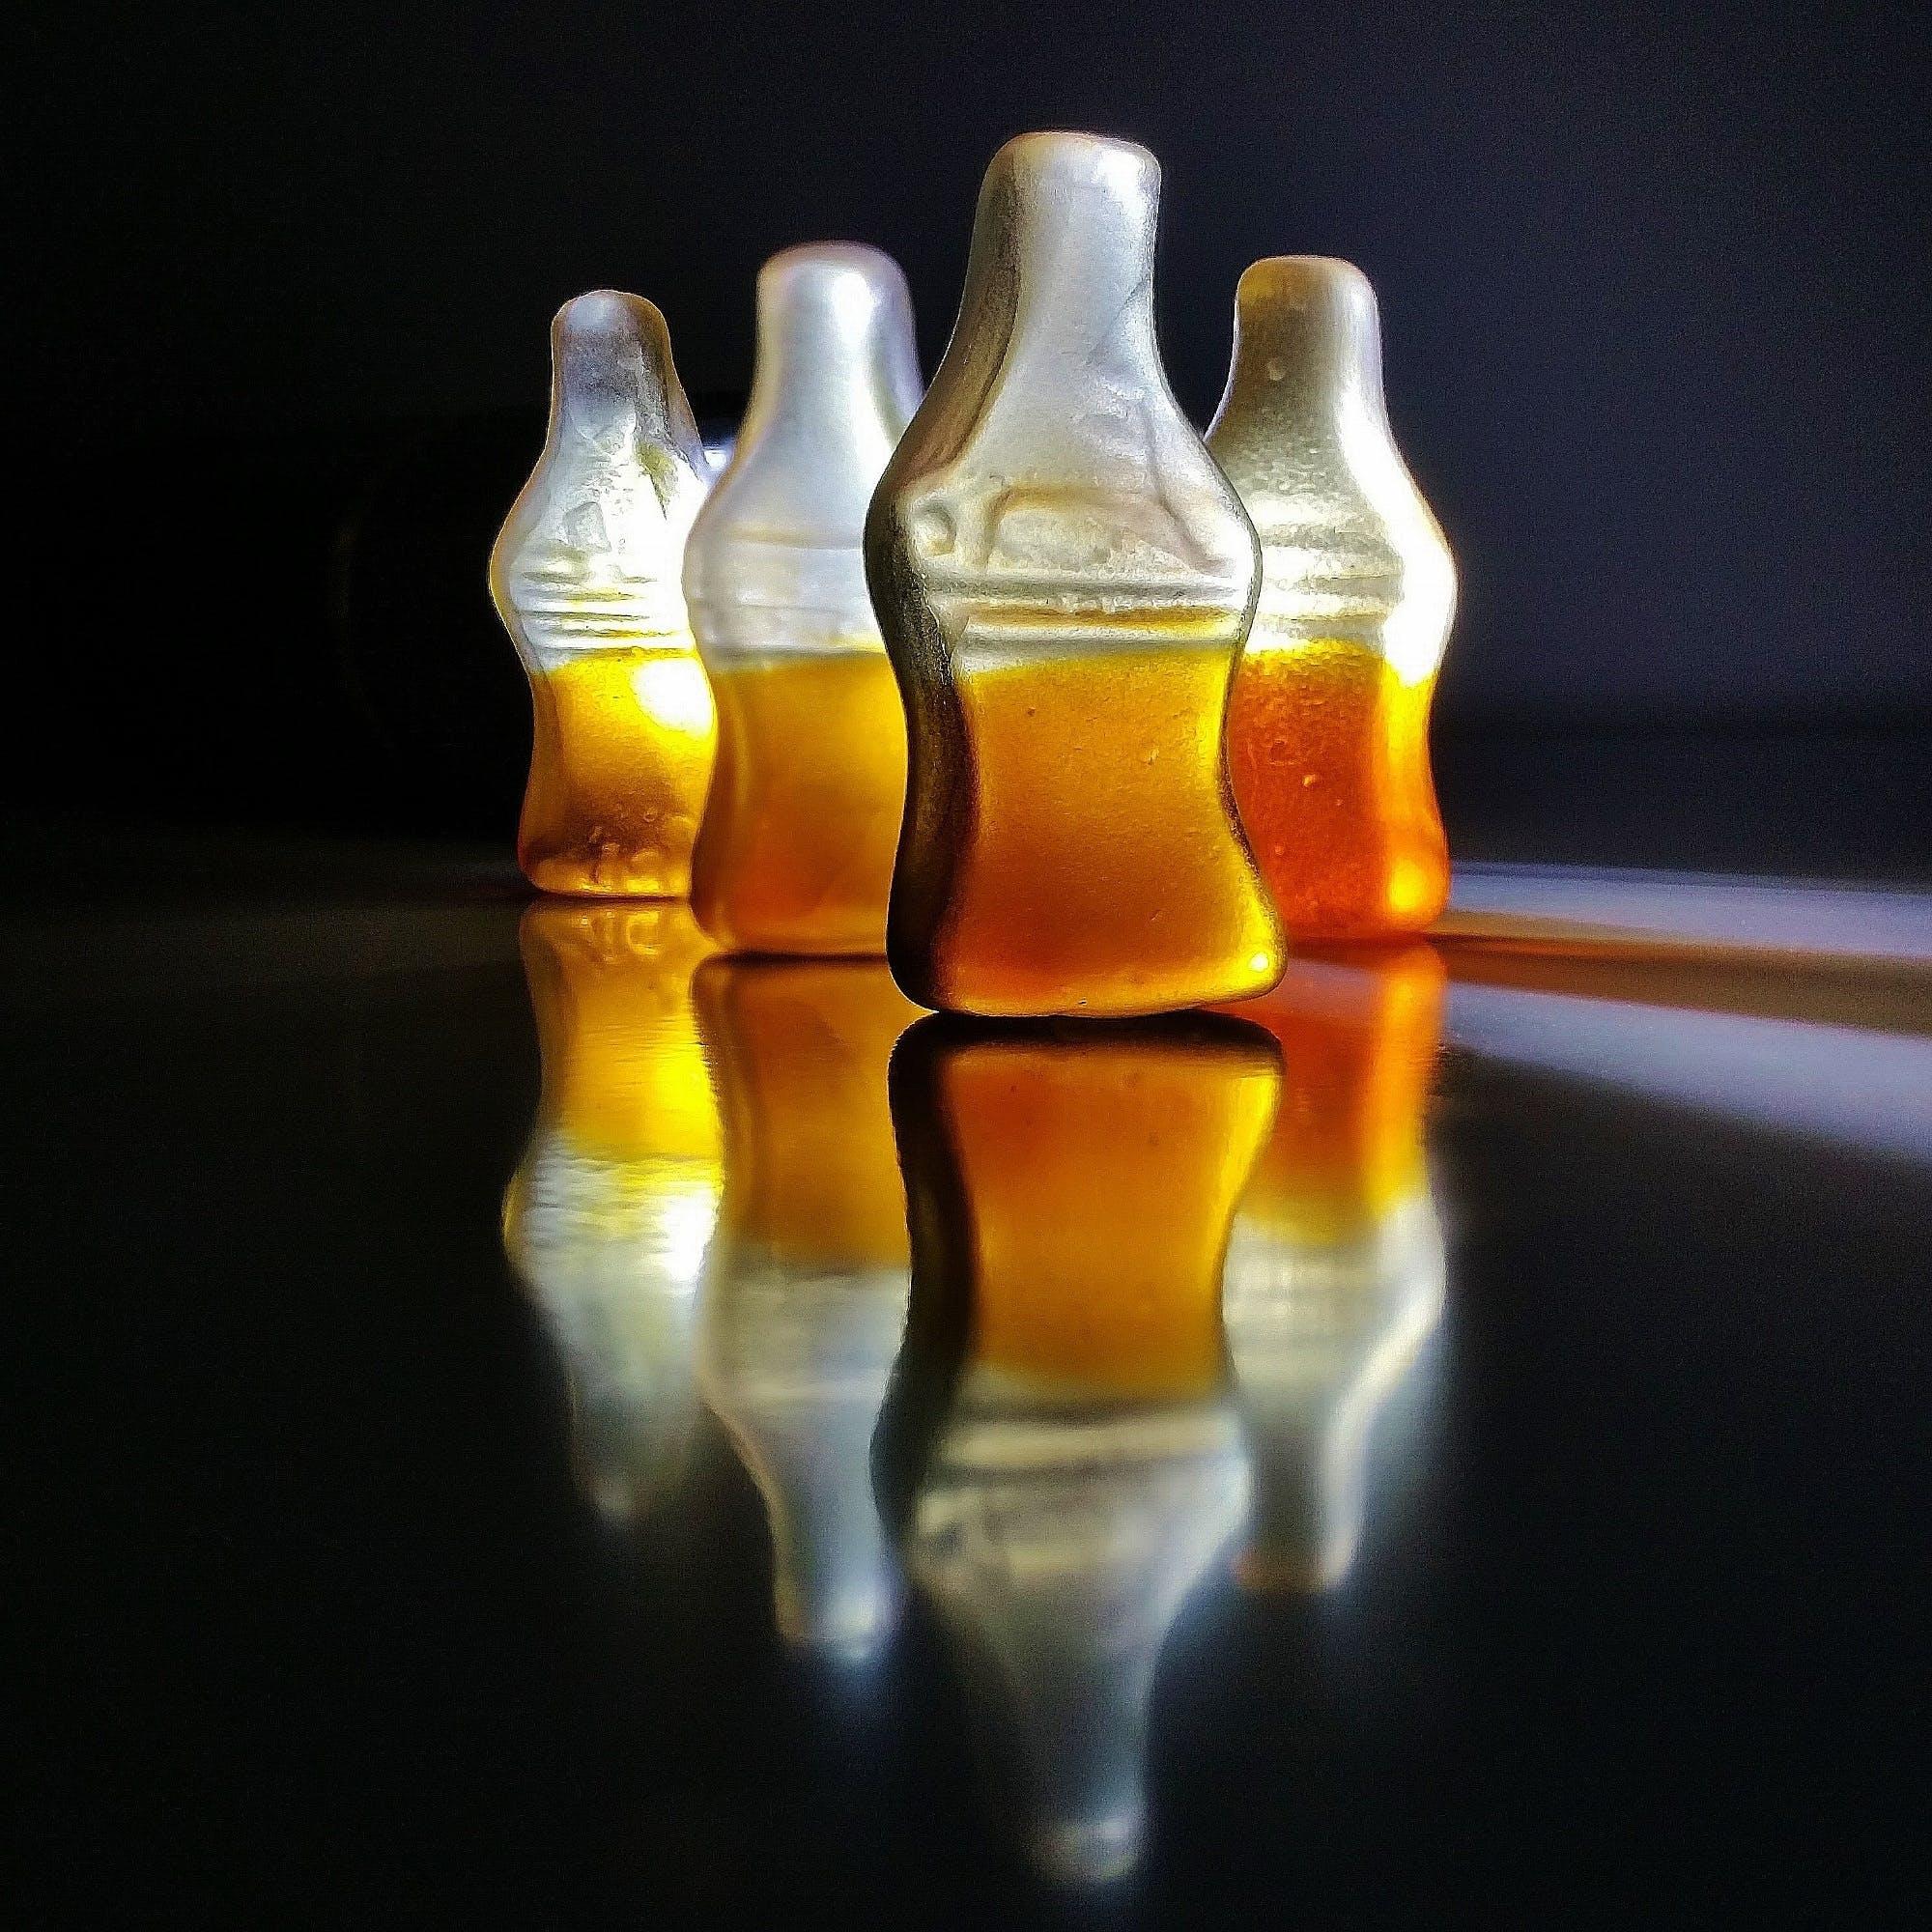 Gratis stockfoto met achtergrondafbeelding, figuren, flessen, fruitgelei